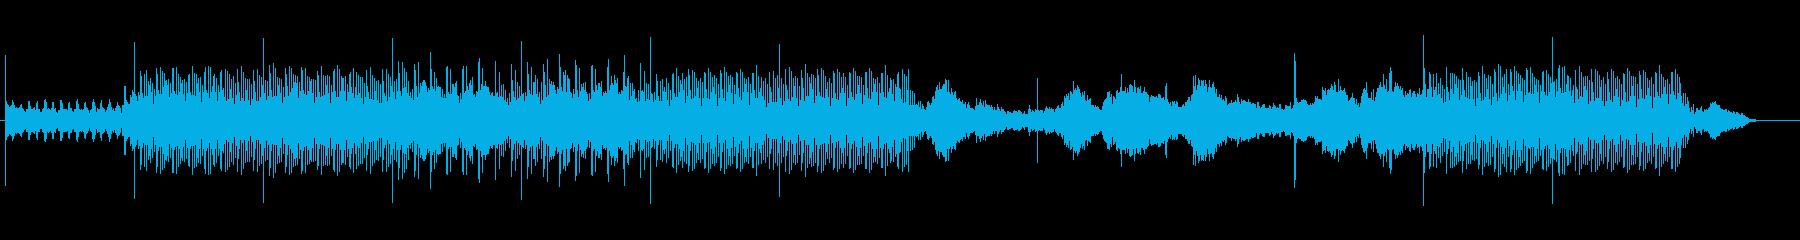 おしゃれで幻想的なアンビエントBGMの再生済みの波形